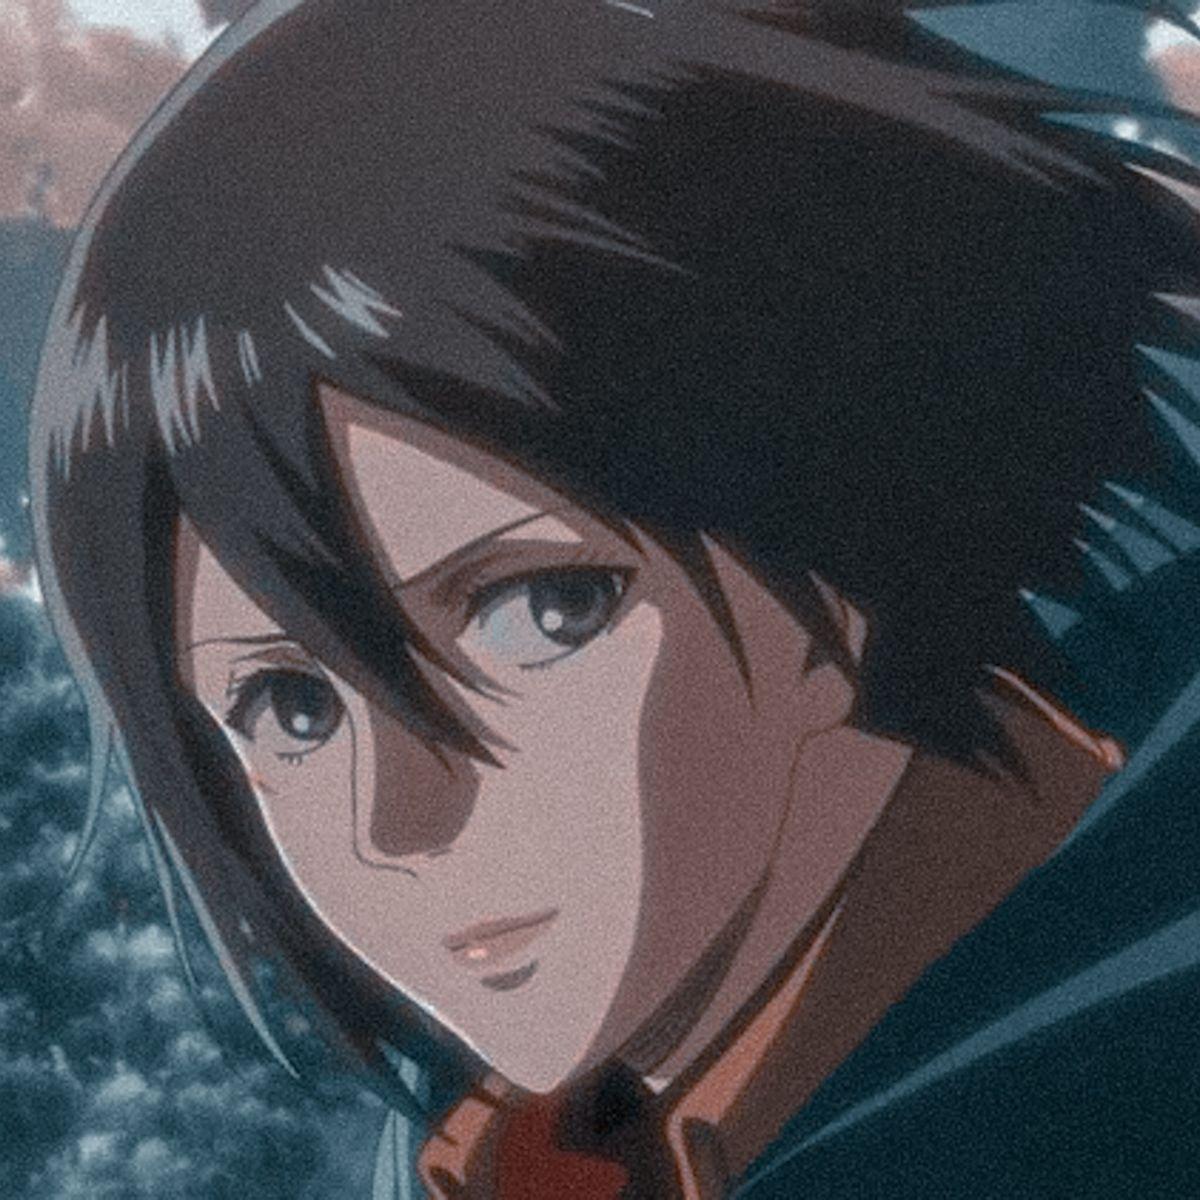 anime mikasa icons in 2020 Anime, Art, Icon